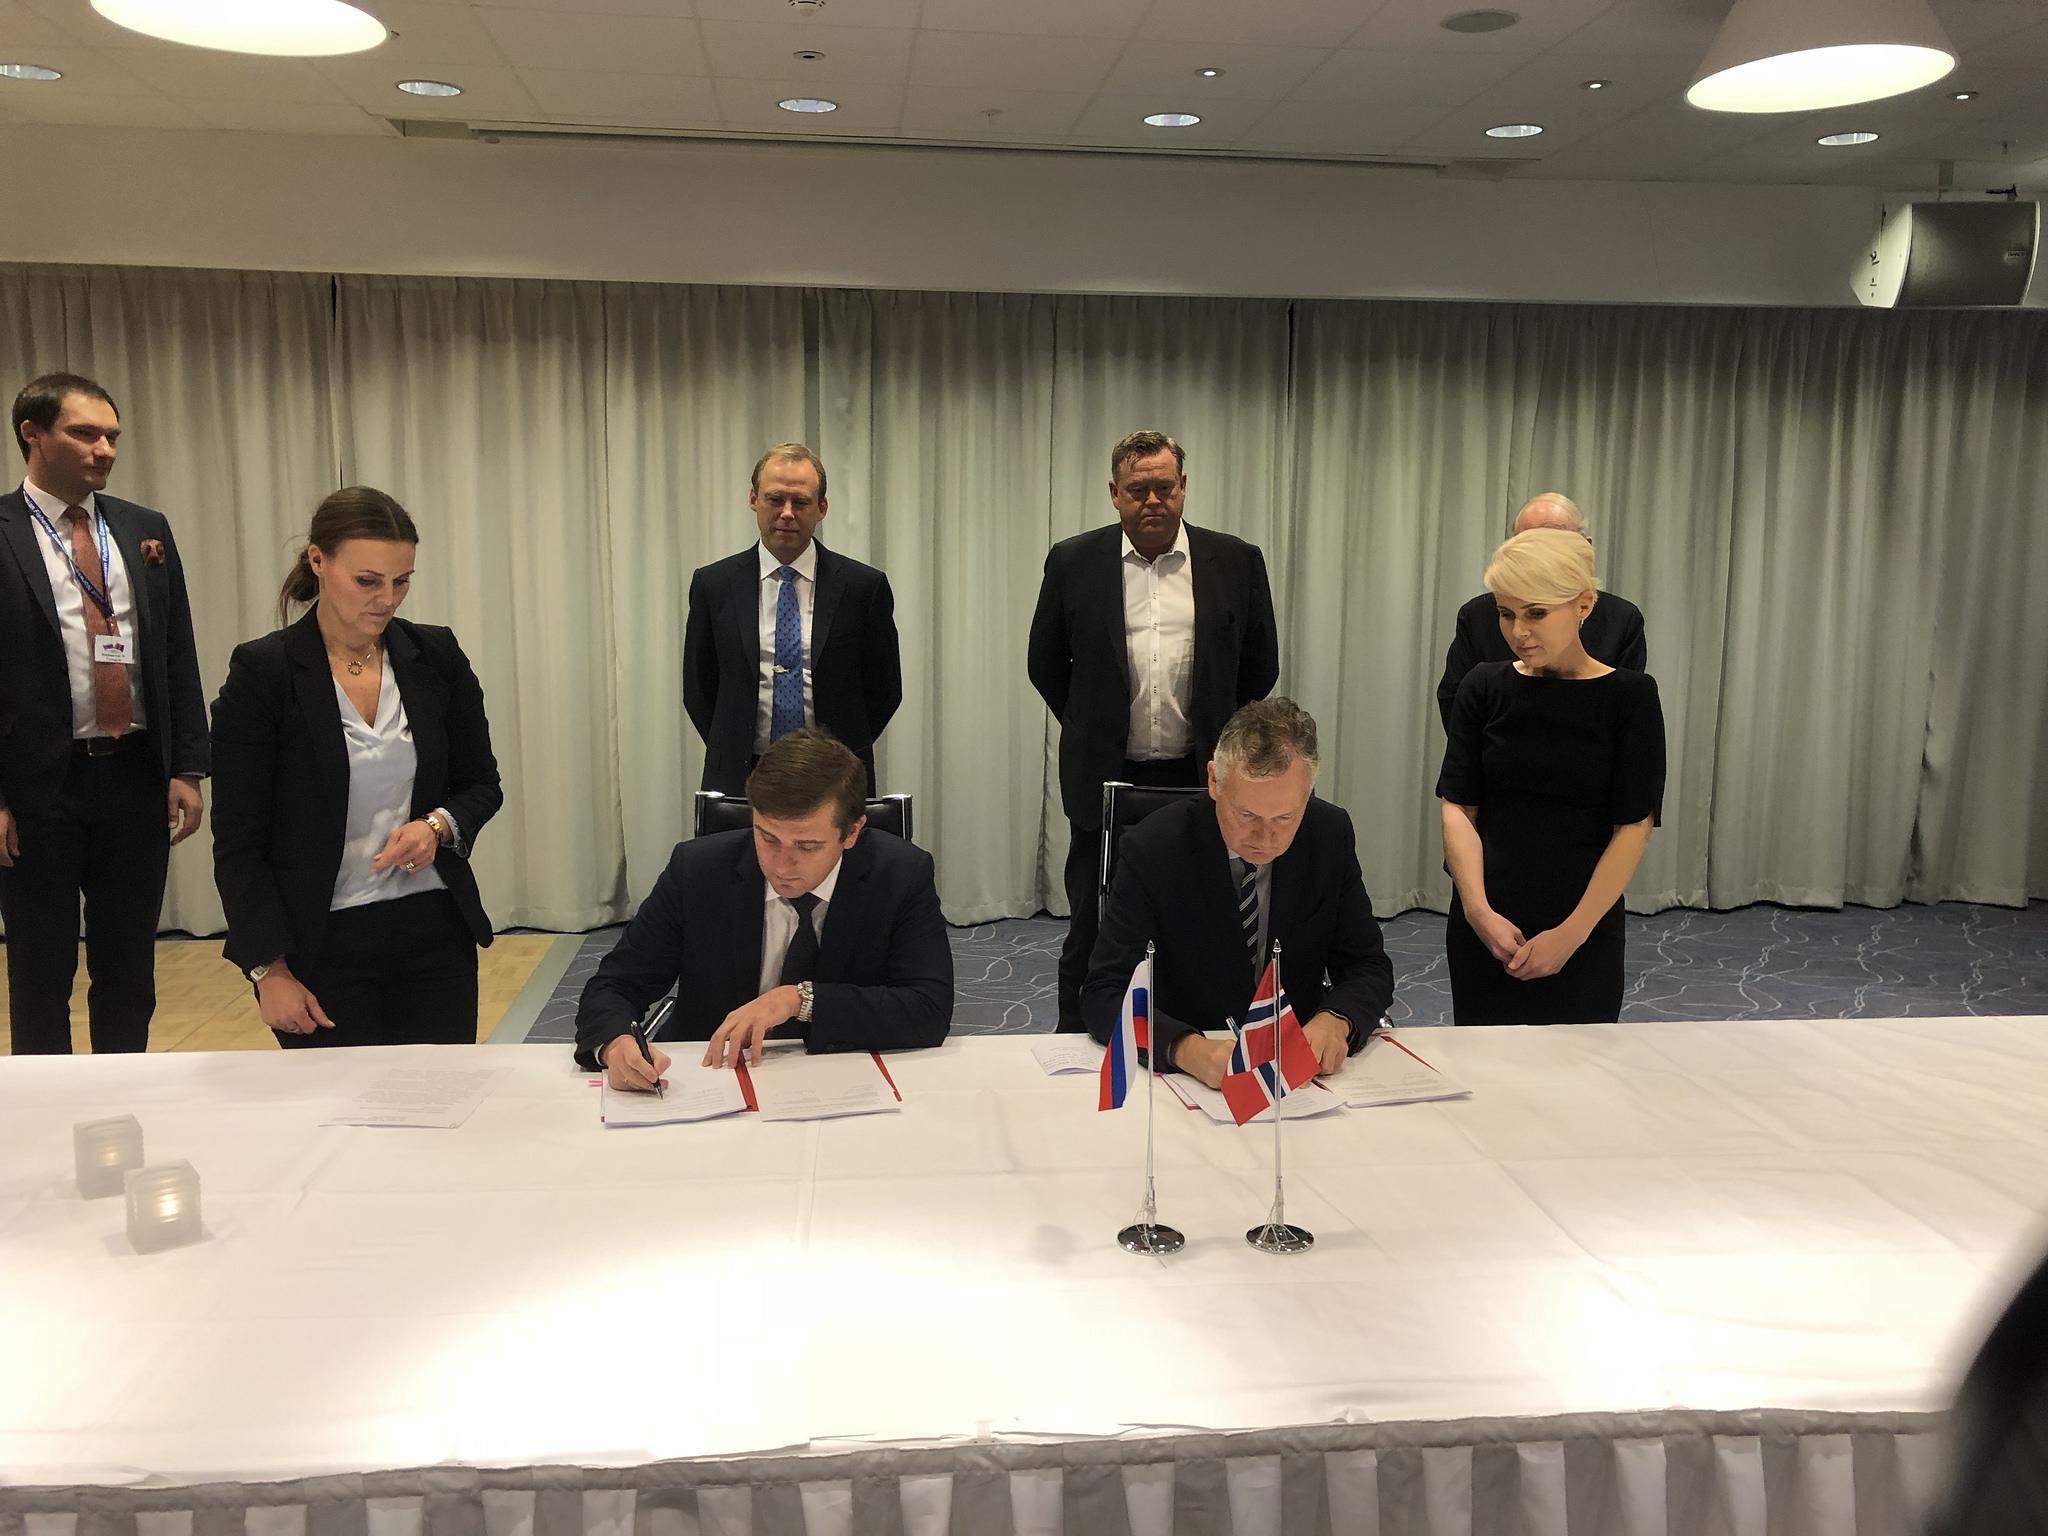 Verhandlungsführer Ilja Sjestakov und Arne Benjaminsen unterzeichneten am 18. Oktober in Ålesund ein Abkommen über Fischfangquoten in der Barentssee©Norwegisches Ministerium für Industrie und Fischerei